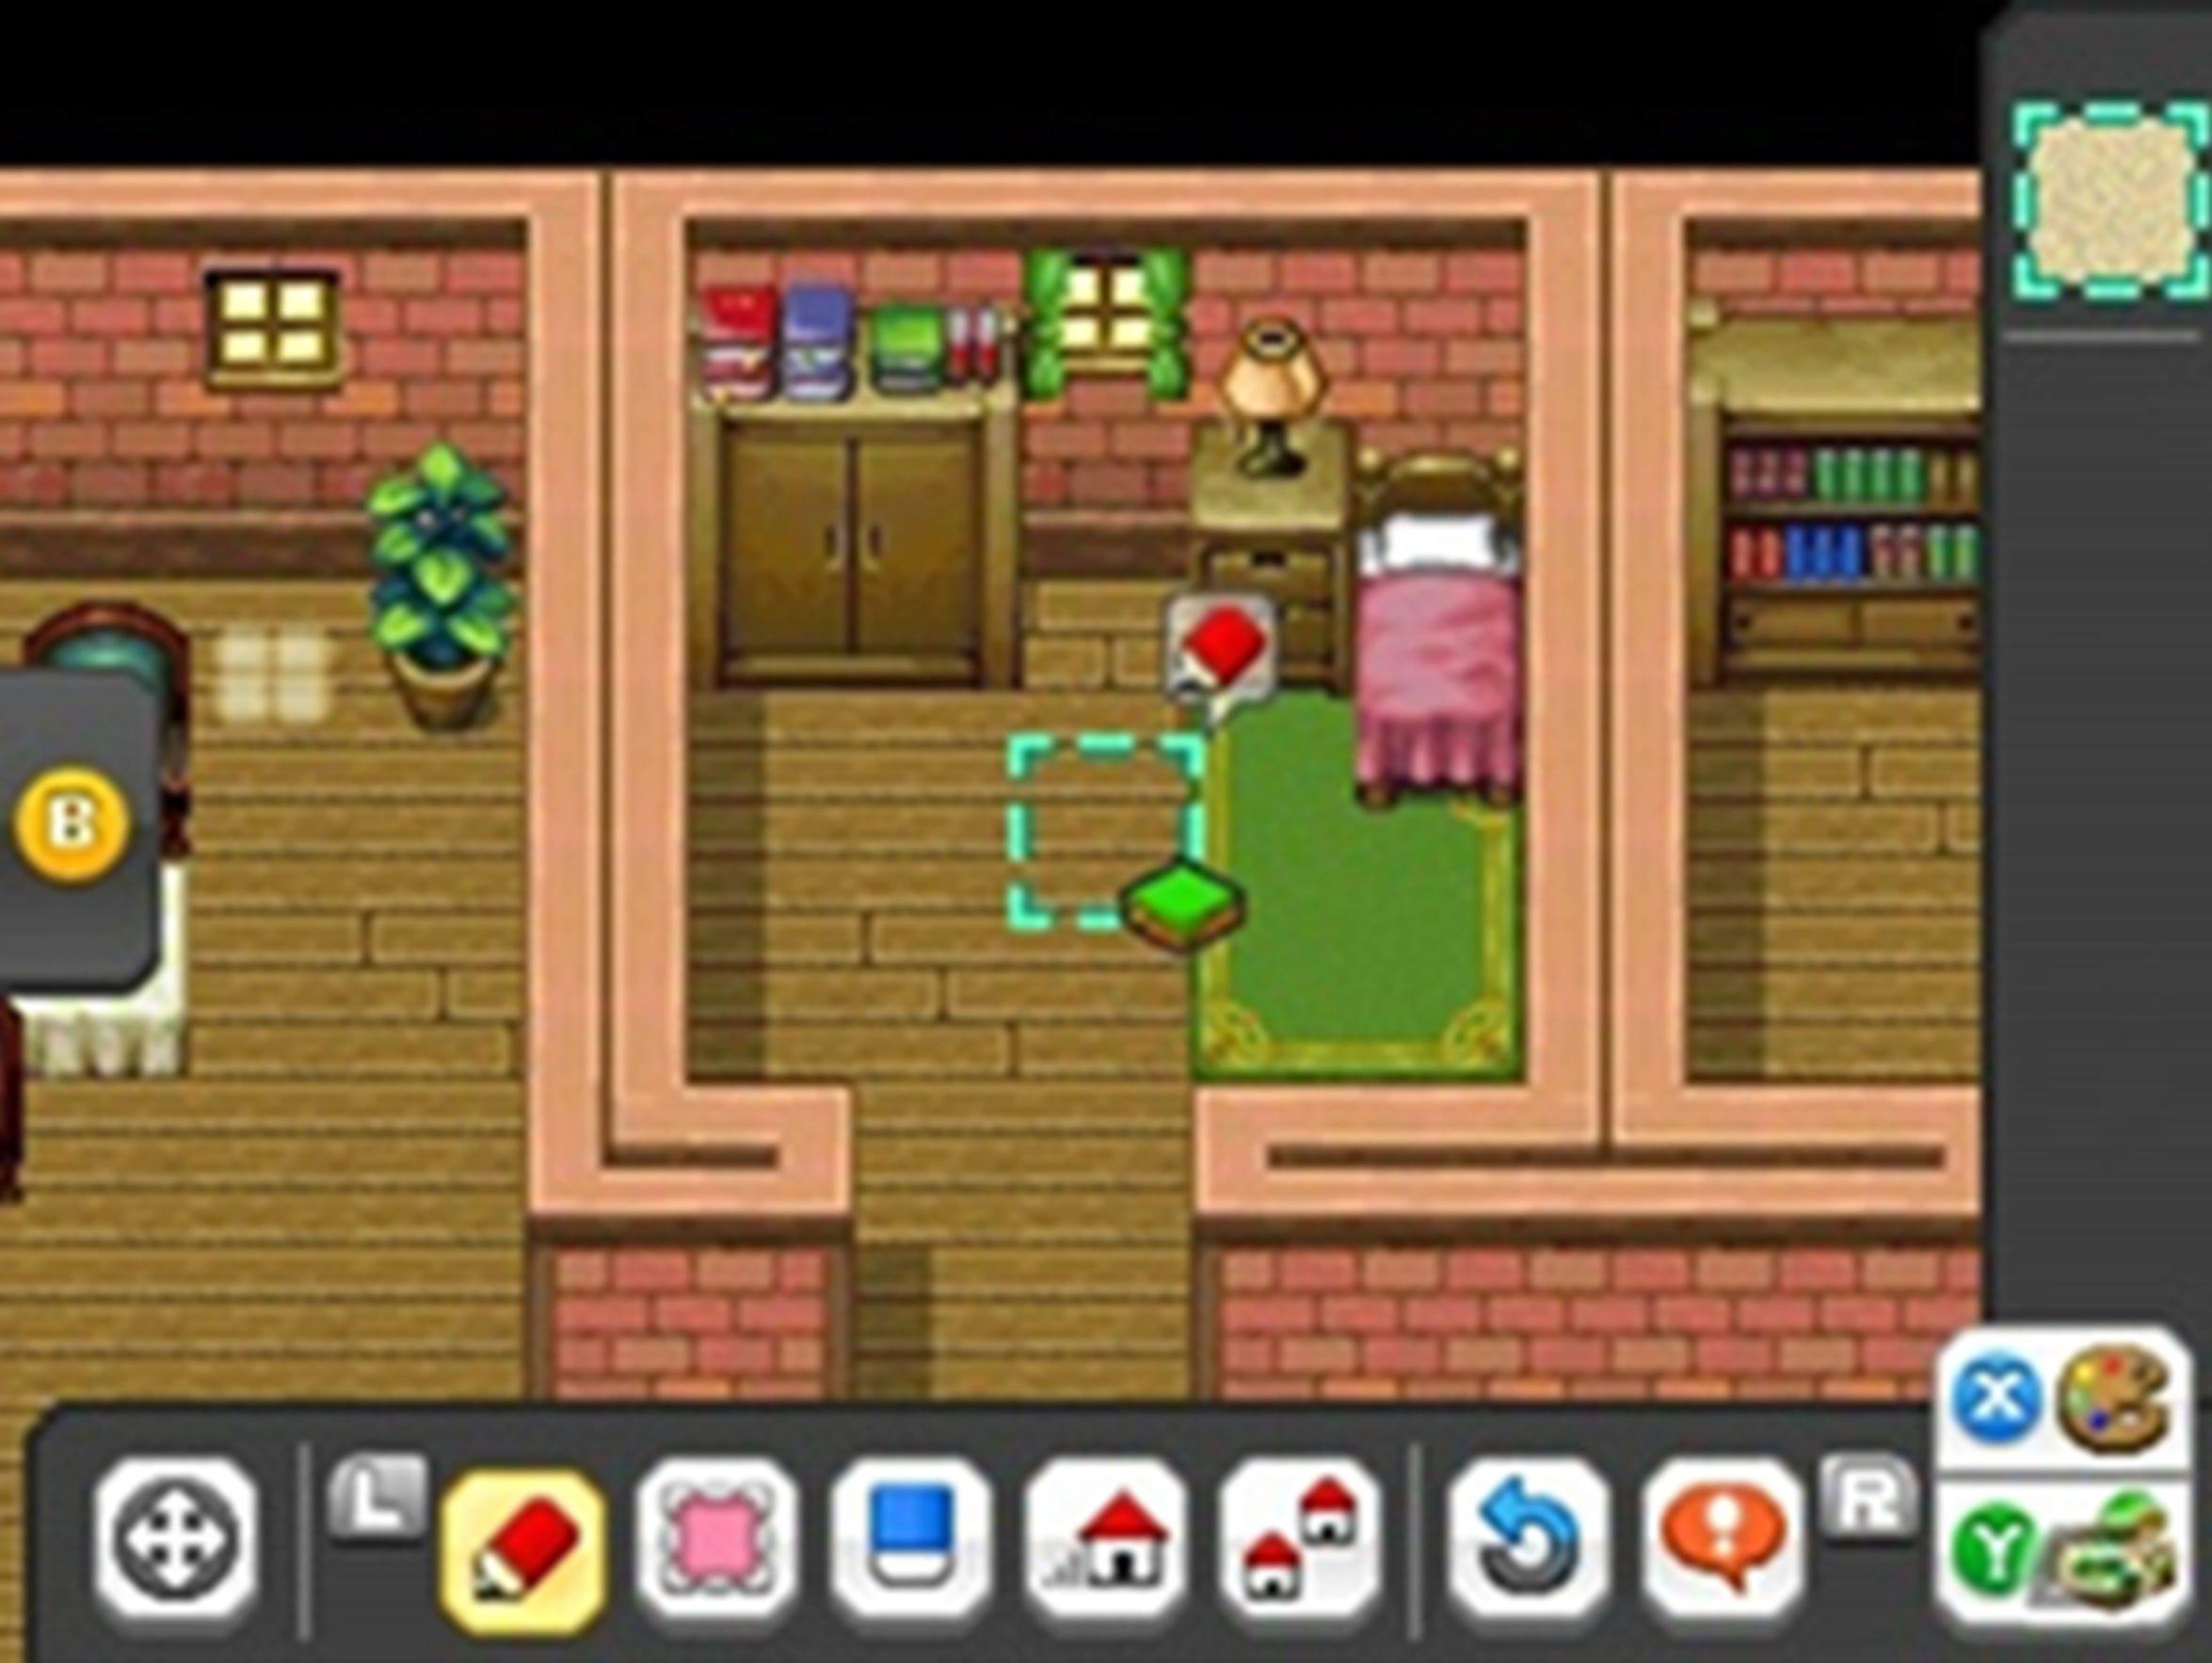 Pocket adventures rpg maker fes review technobubble rpg maker fes nintendo 3ds baditri Gallery